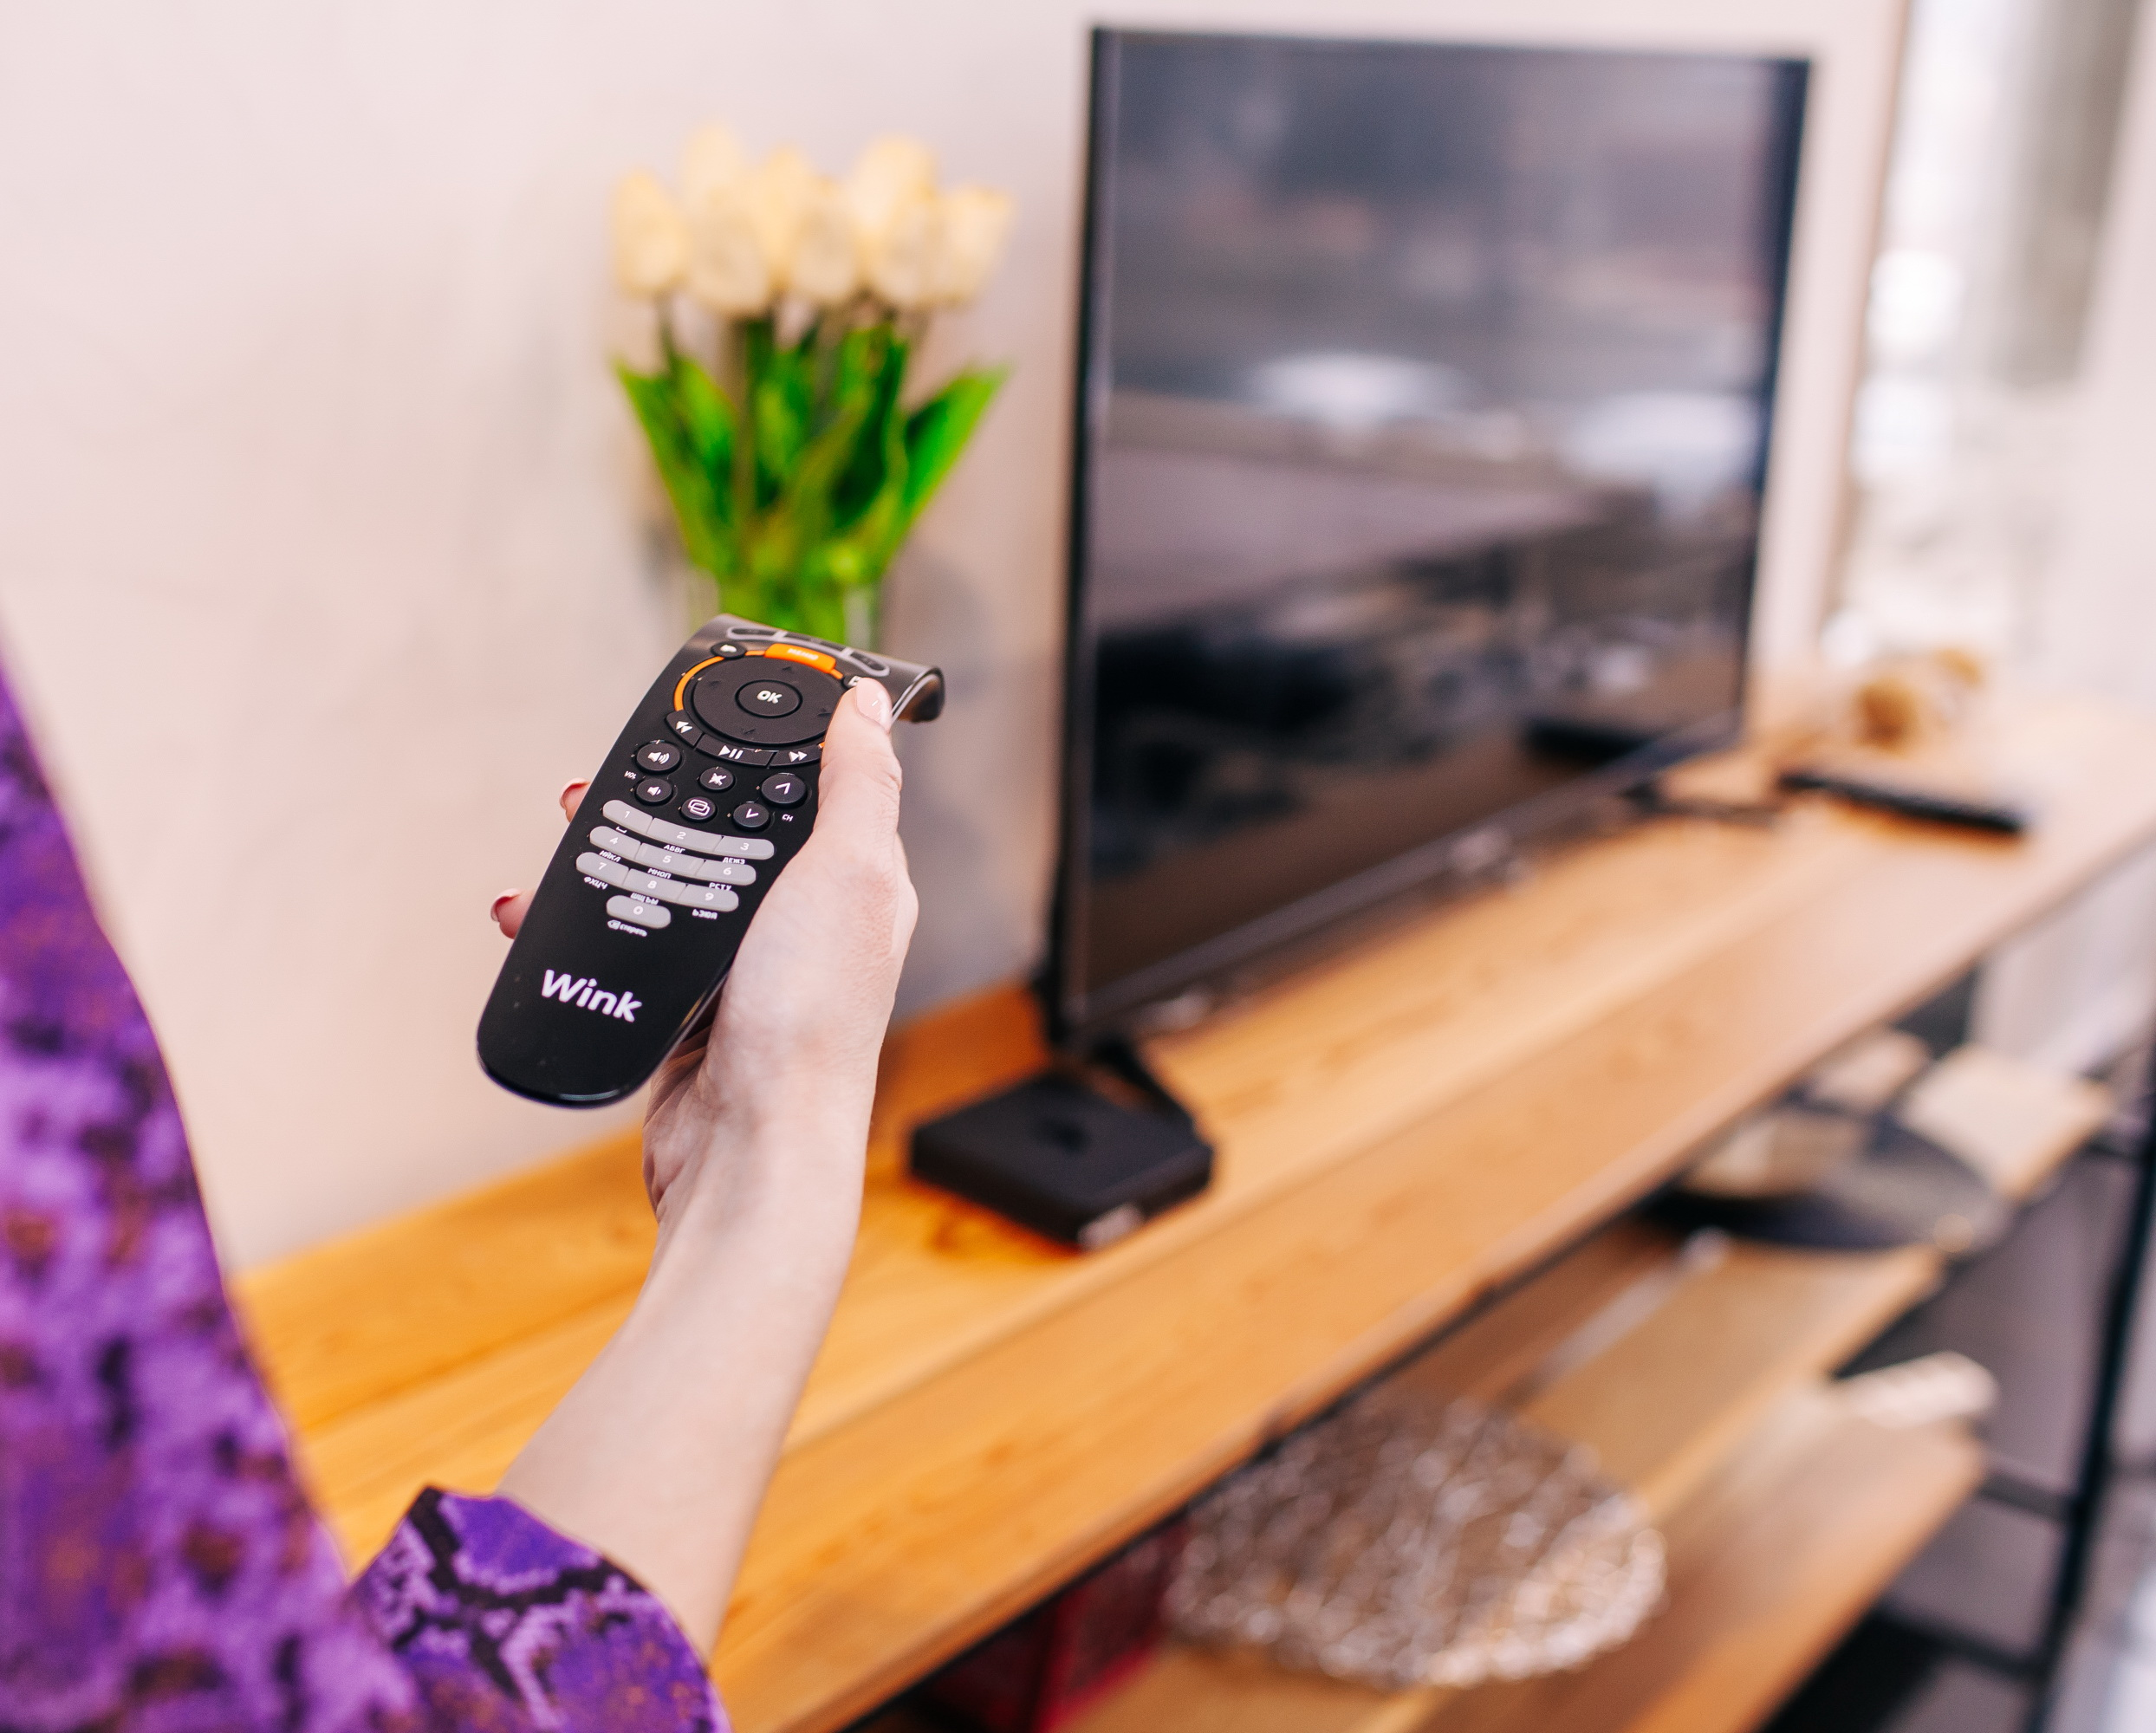 Интерактивное ТВ Wink от «Ростелекома»: в новогодние праздники кировчане предпочитали смотреть триллеры